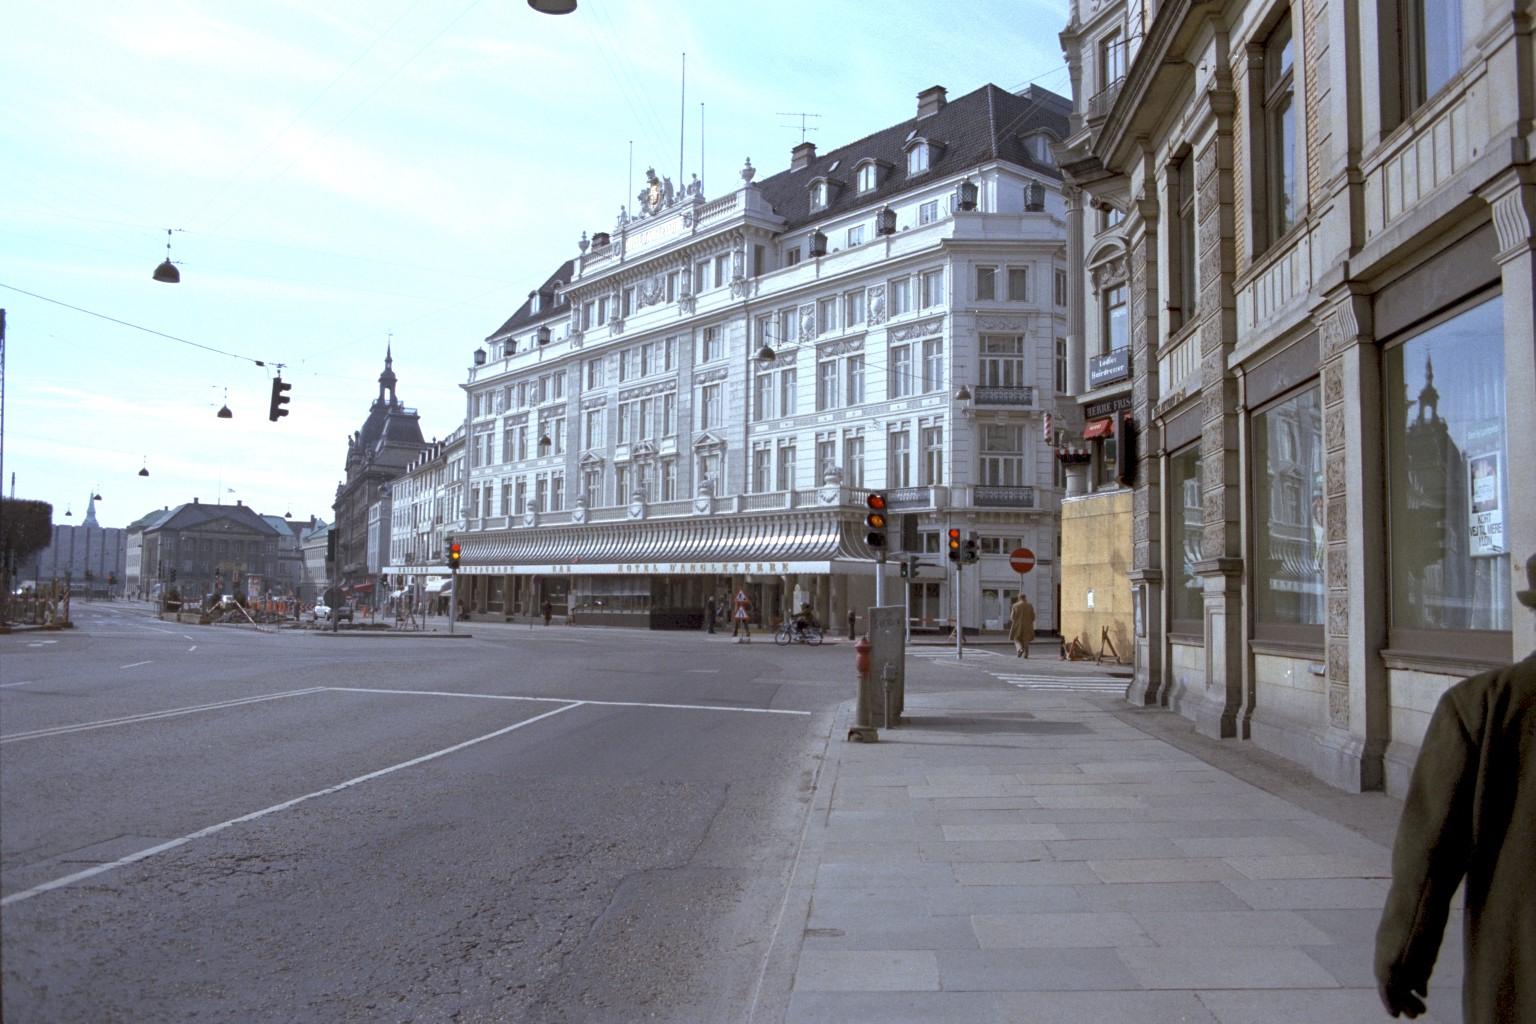 Angleterre hotel, København